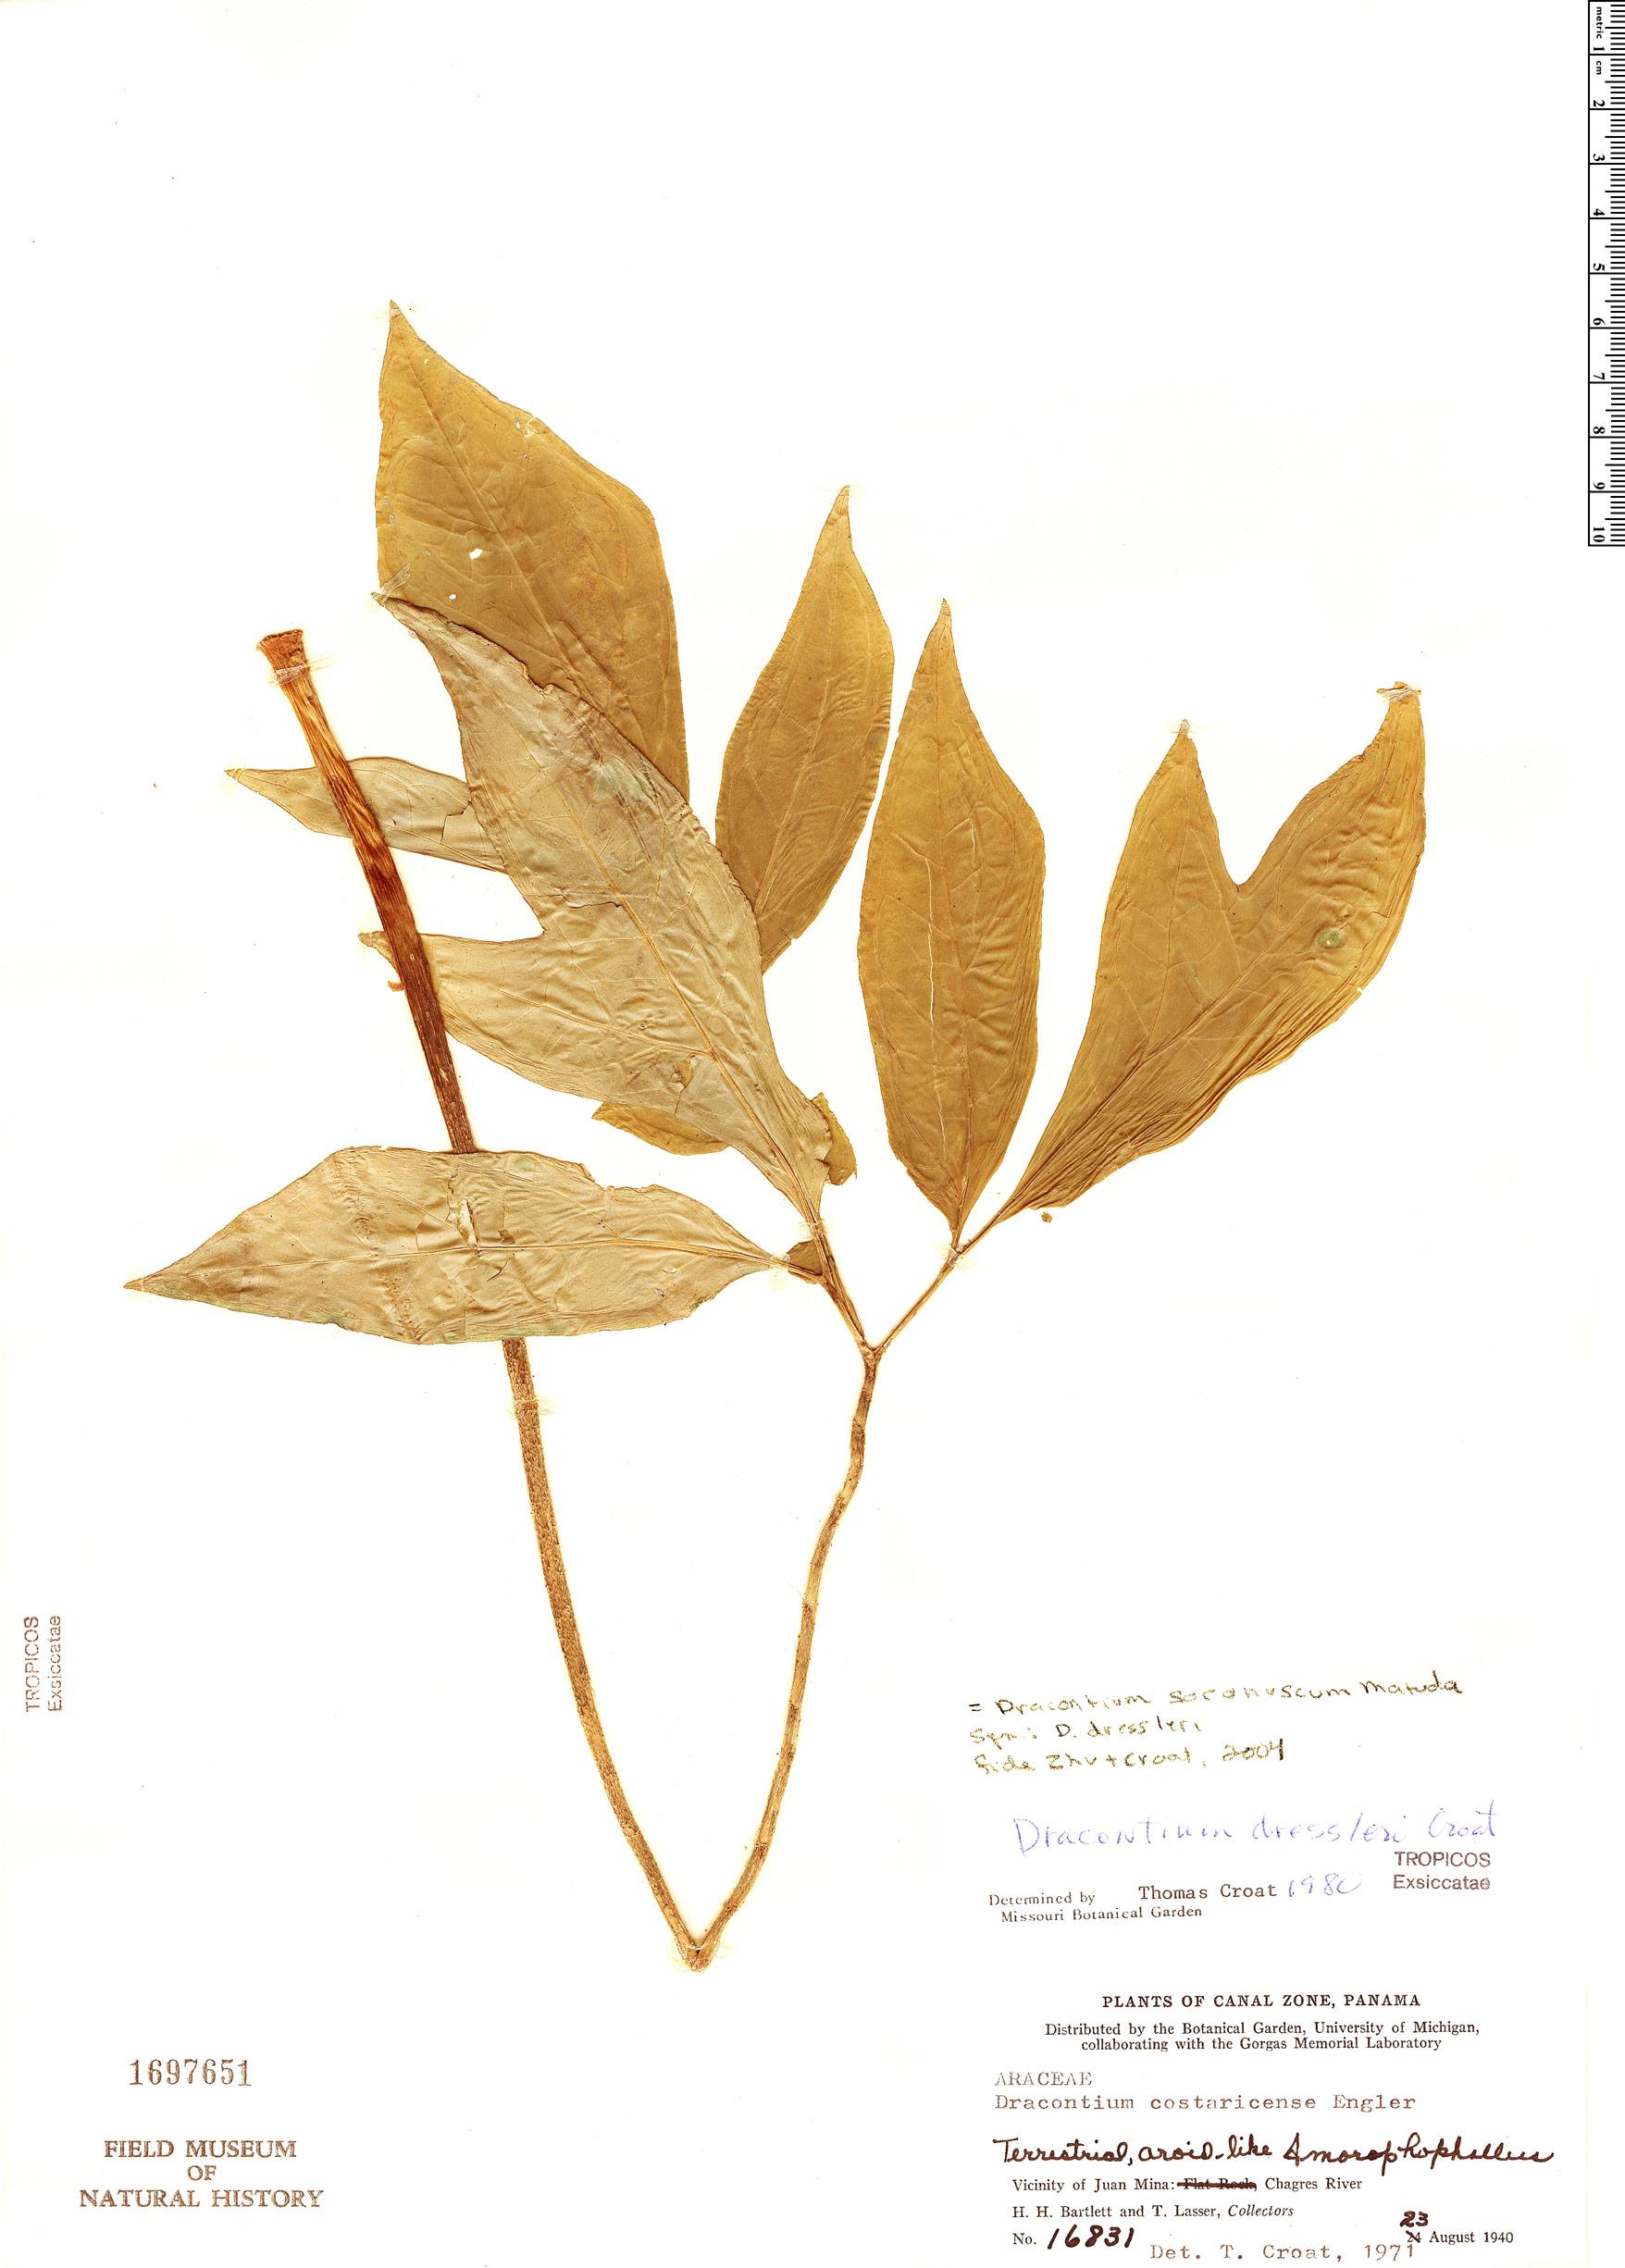 Specimen: Dracontium soconuscum